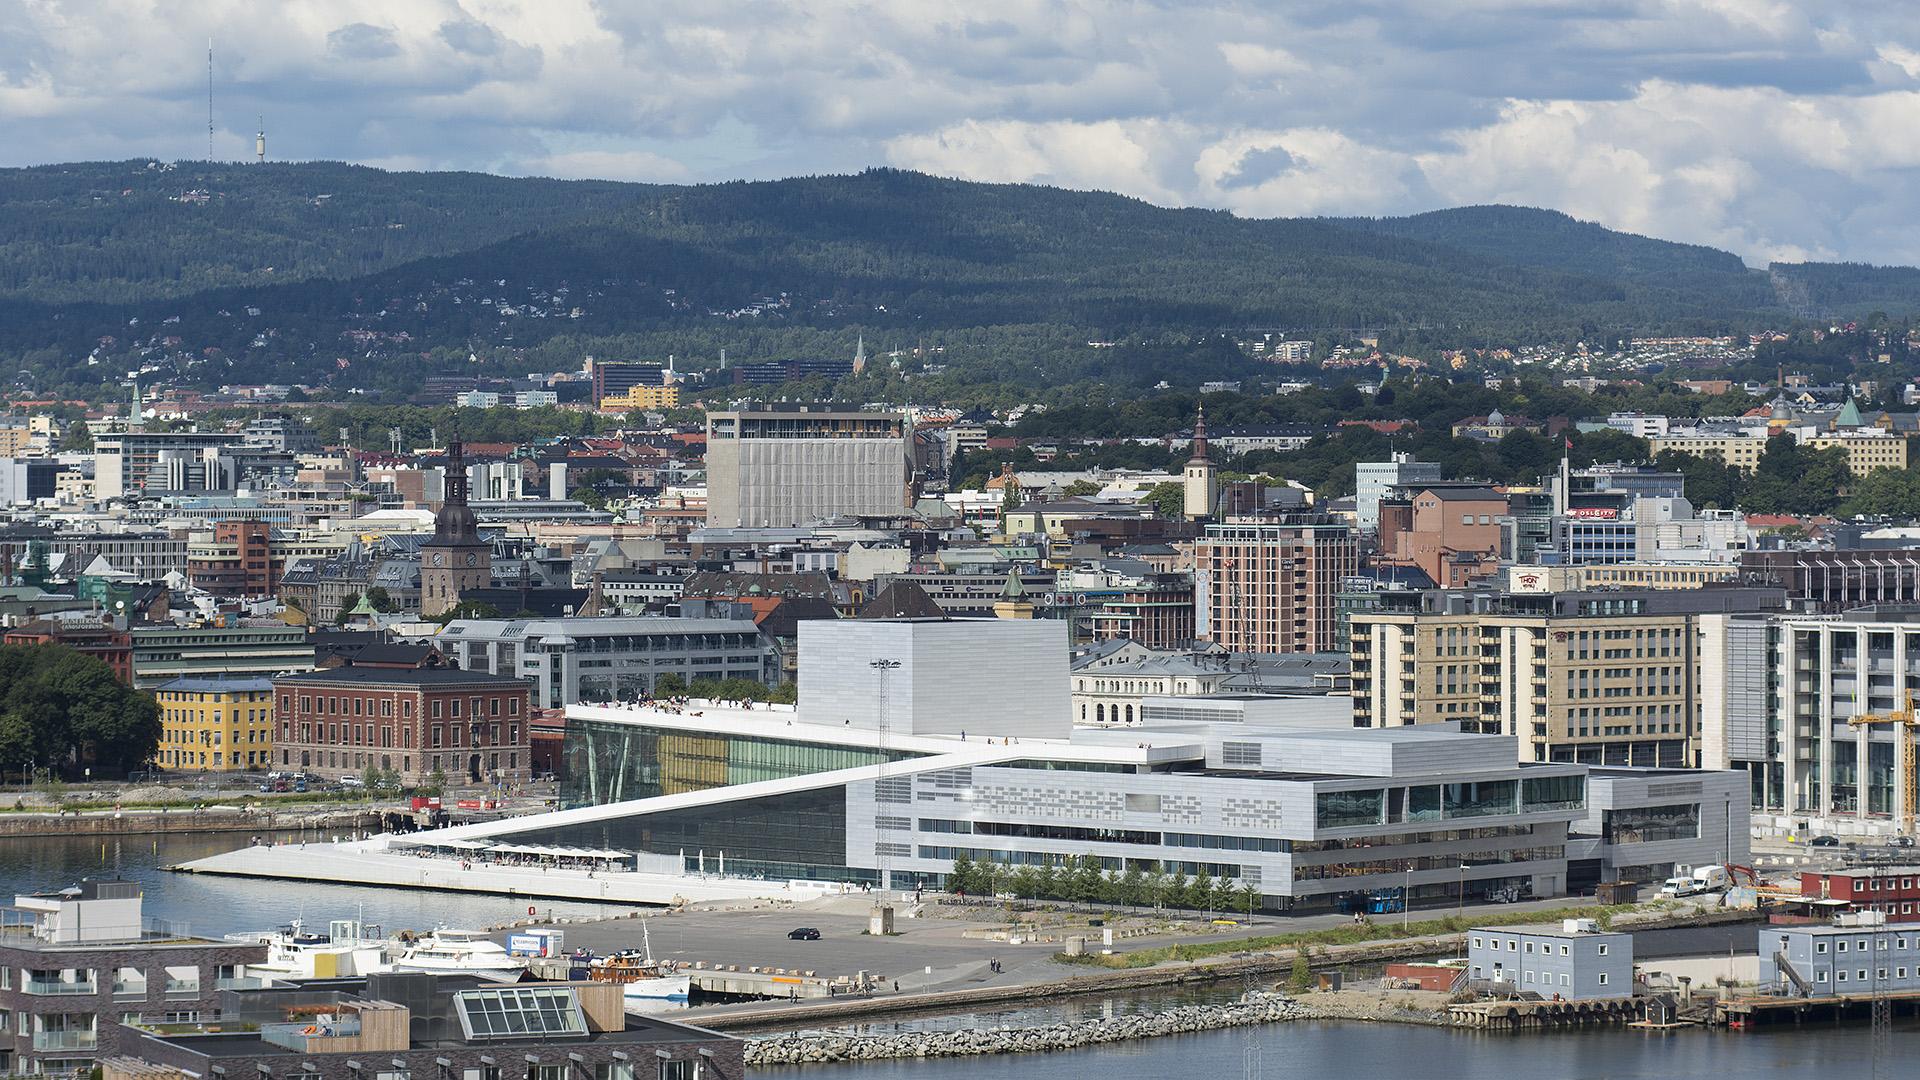 Den Norske Opera i Bjørvika i Oslo. Bygget er tegnet av arkitektfirmaet Snøhetta AS. Foto: Dagfinn Rasmussen Riksantikvaren